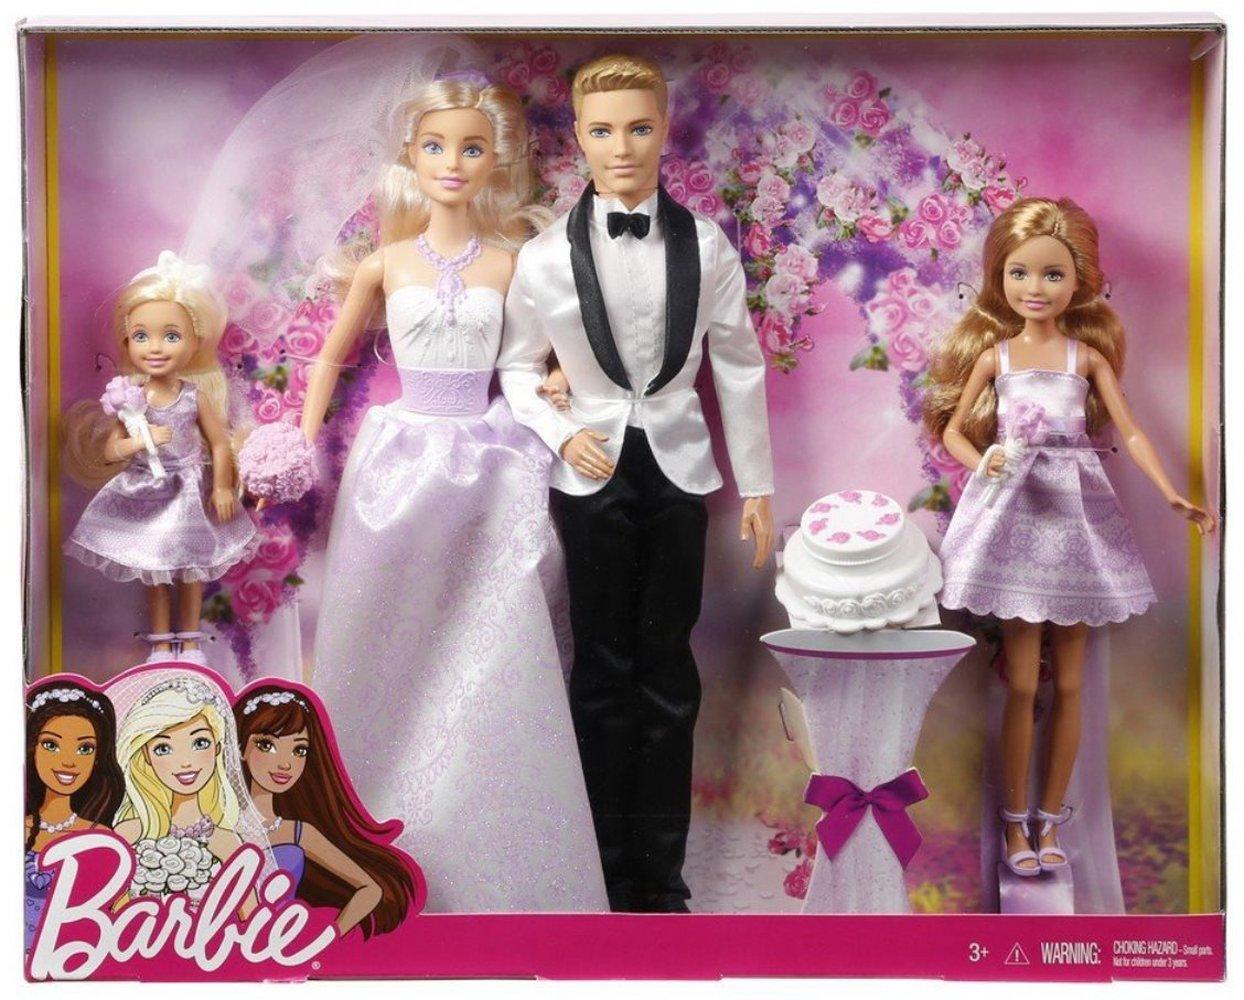 Barbie – Romantico Matrimonio Barbie Barbie – Romantico Matrimonio Matrimonio – b7Y6fvIgy